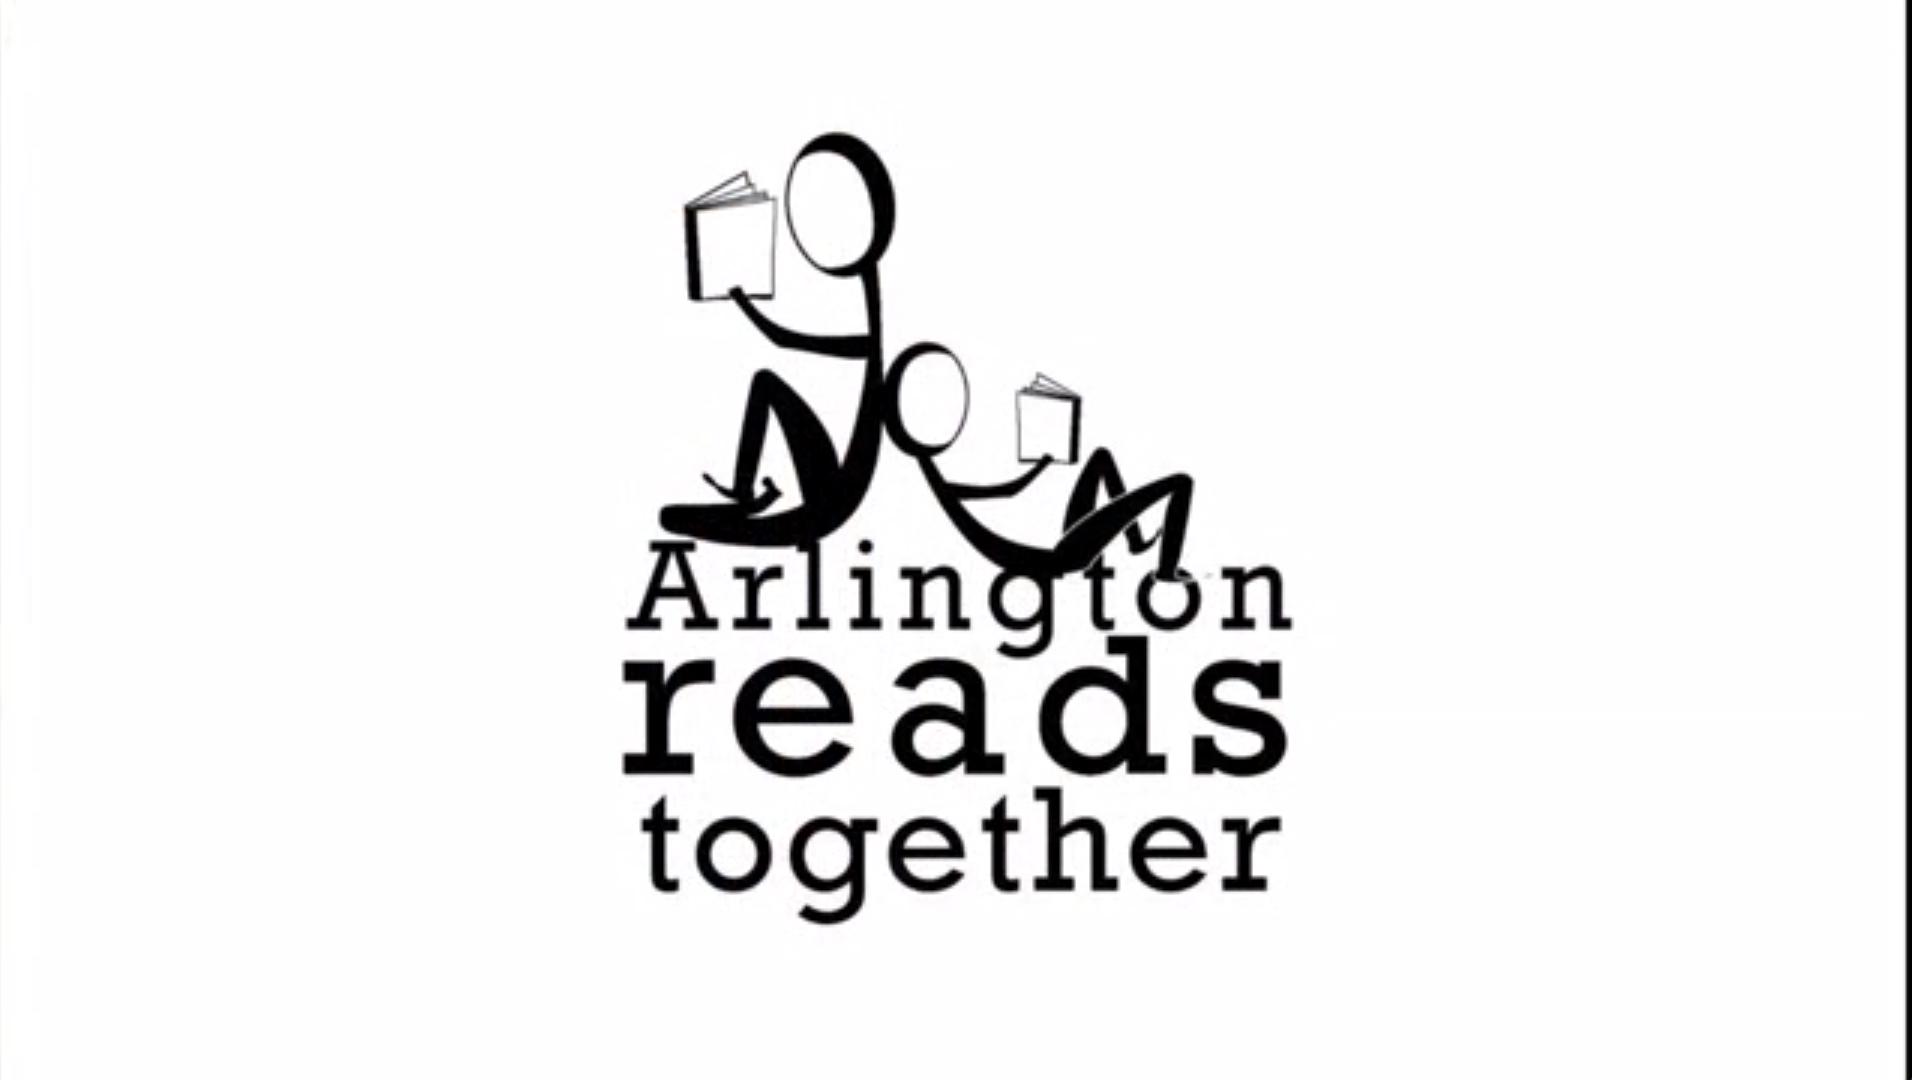 Arlington Reads Together